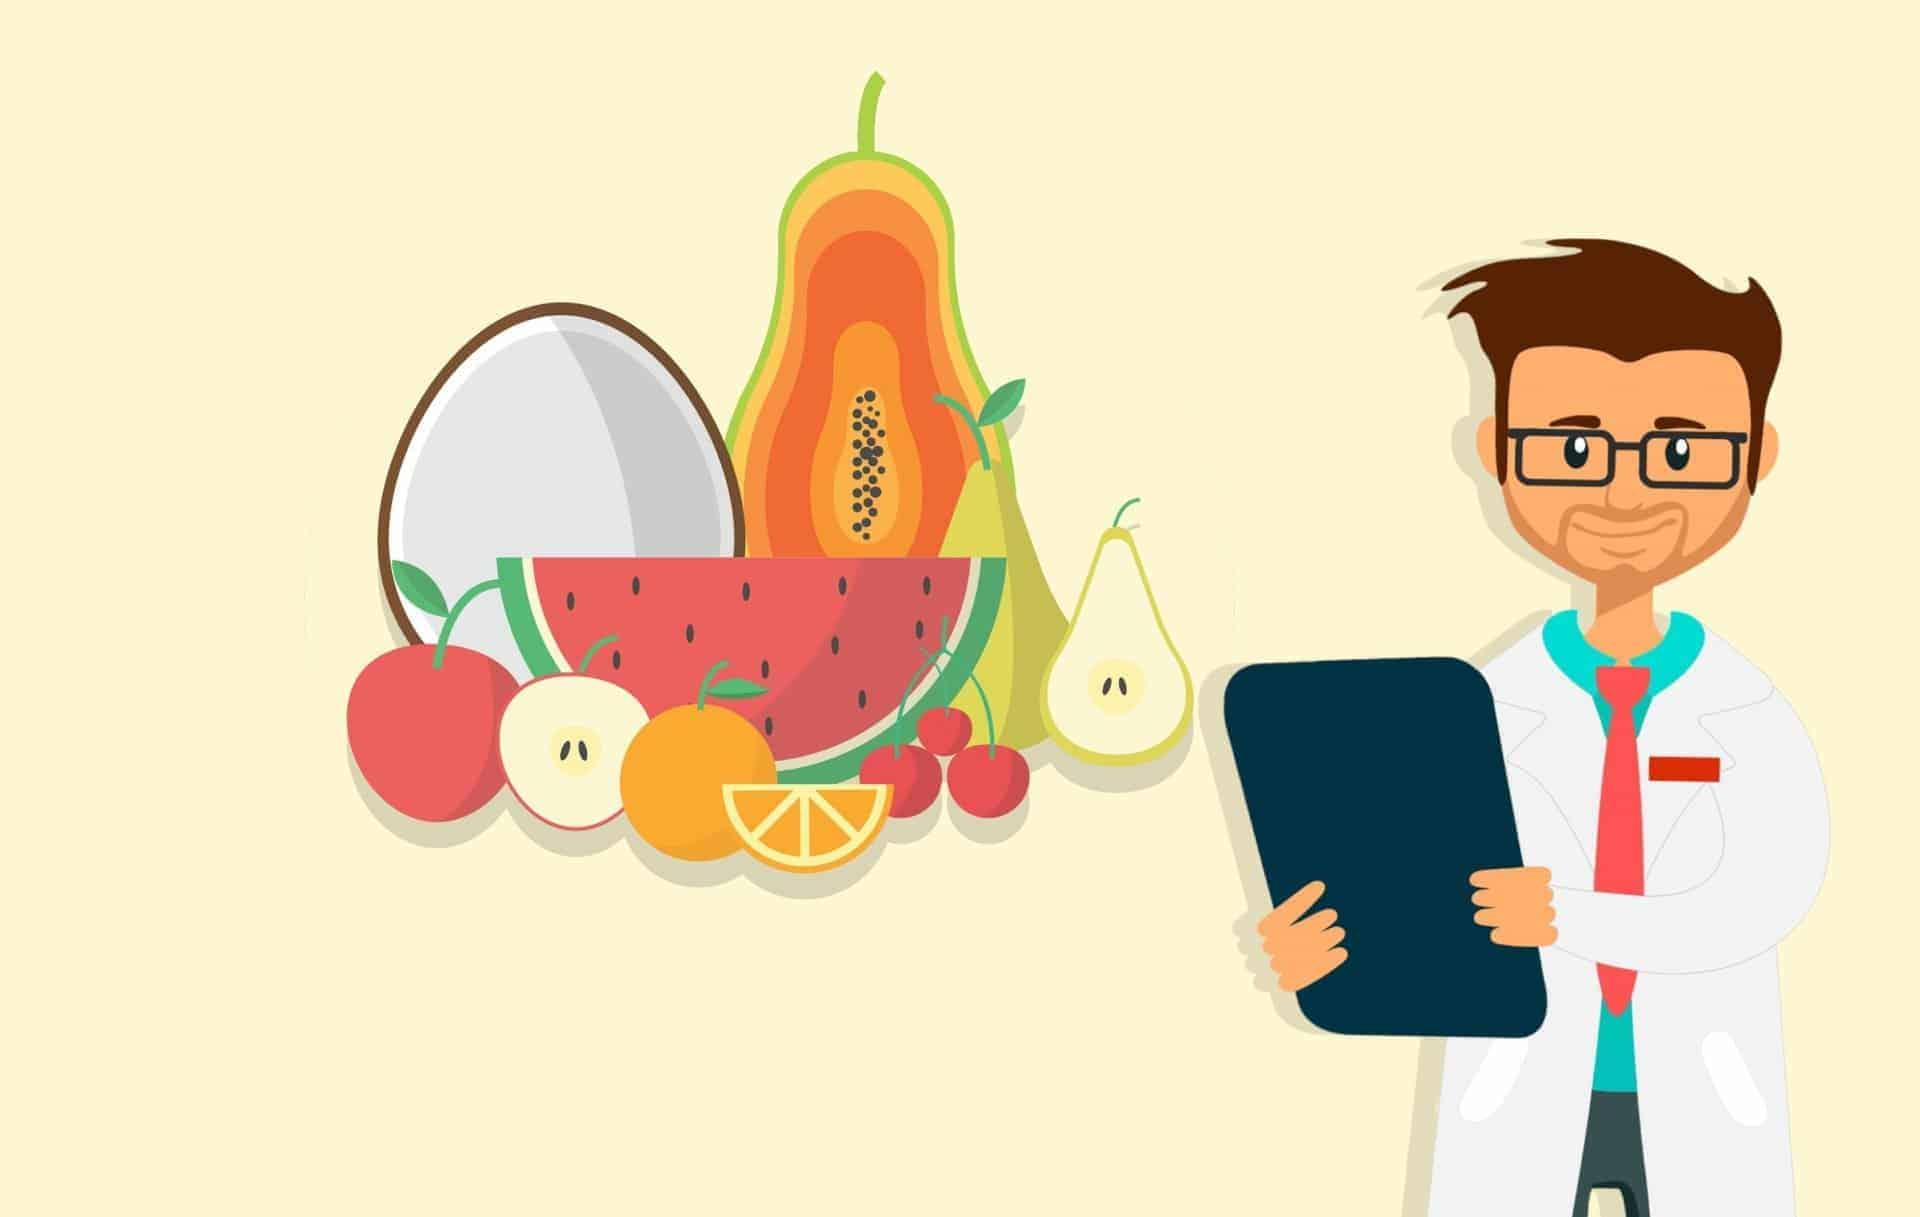 Diventare nutrizionista: cosa c'è da sapere?